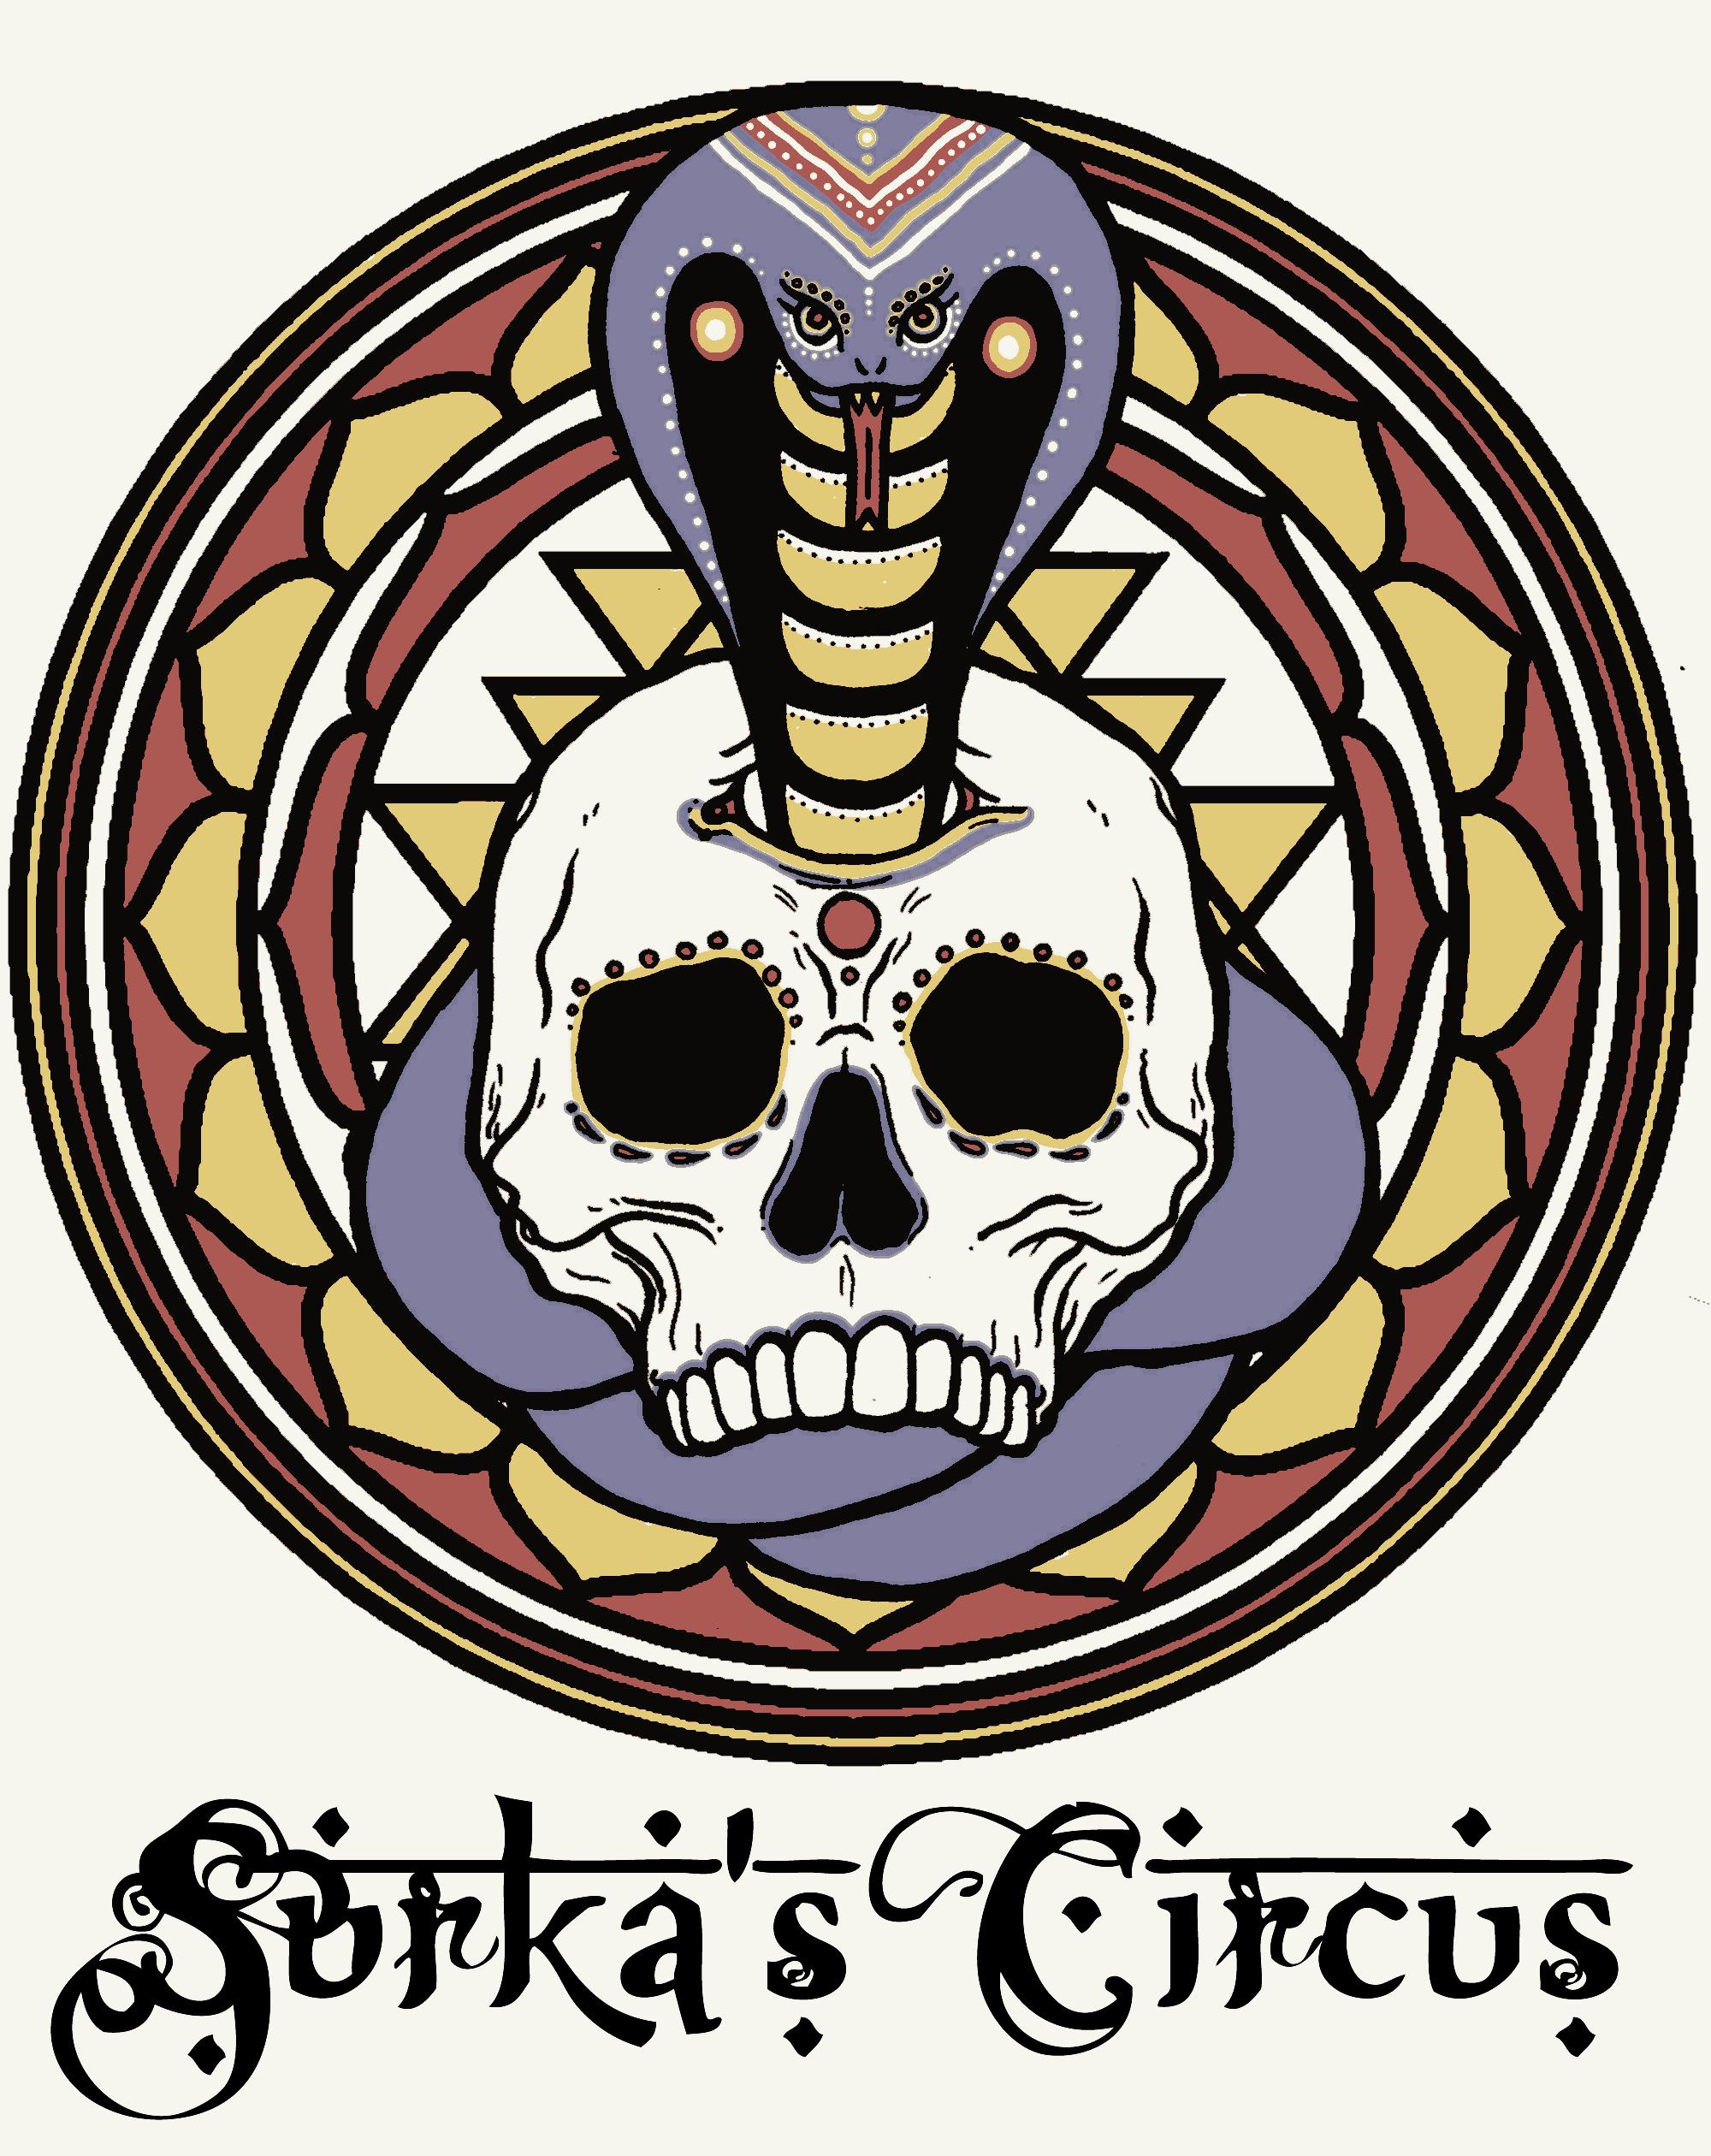 Surka's Circus logo, 2011